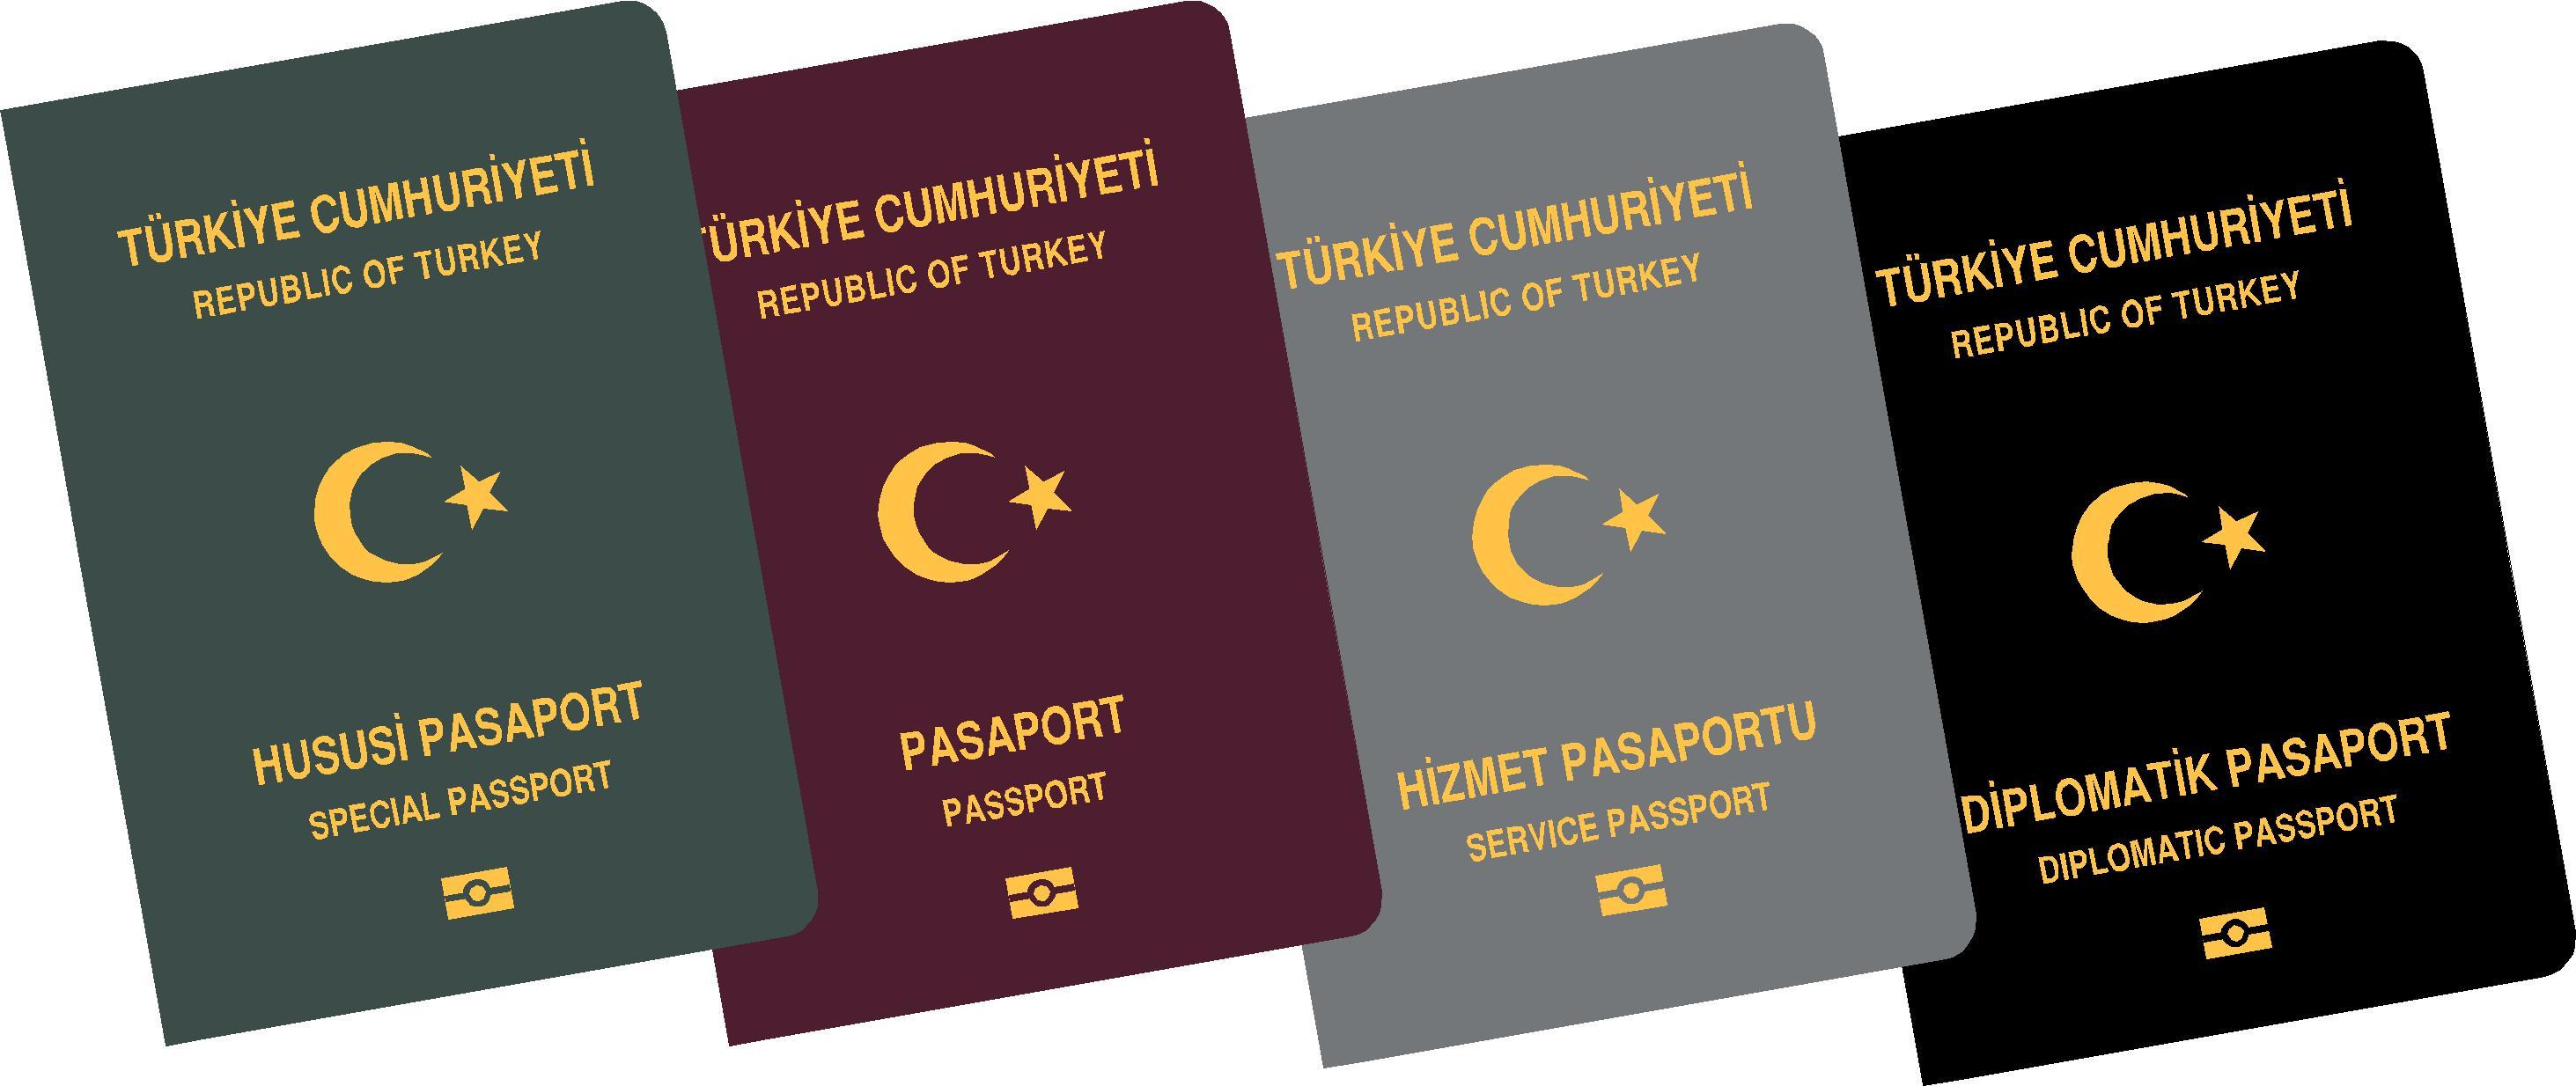 Pasaportun yerini almak için hangi belgelere ihtiyaç vardır